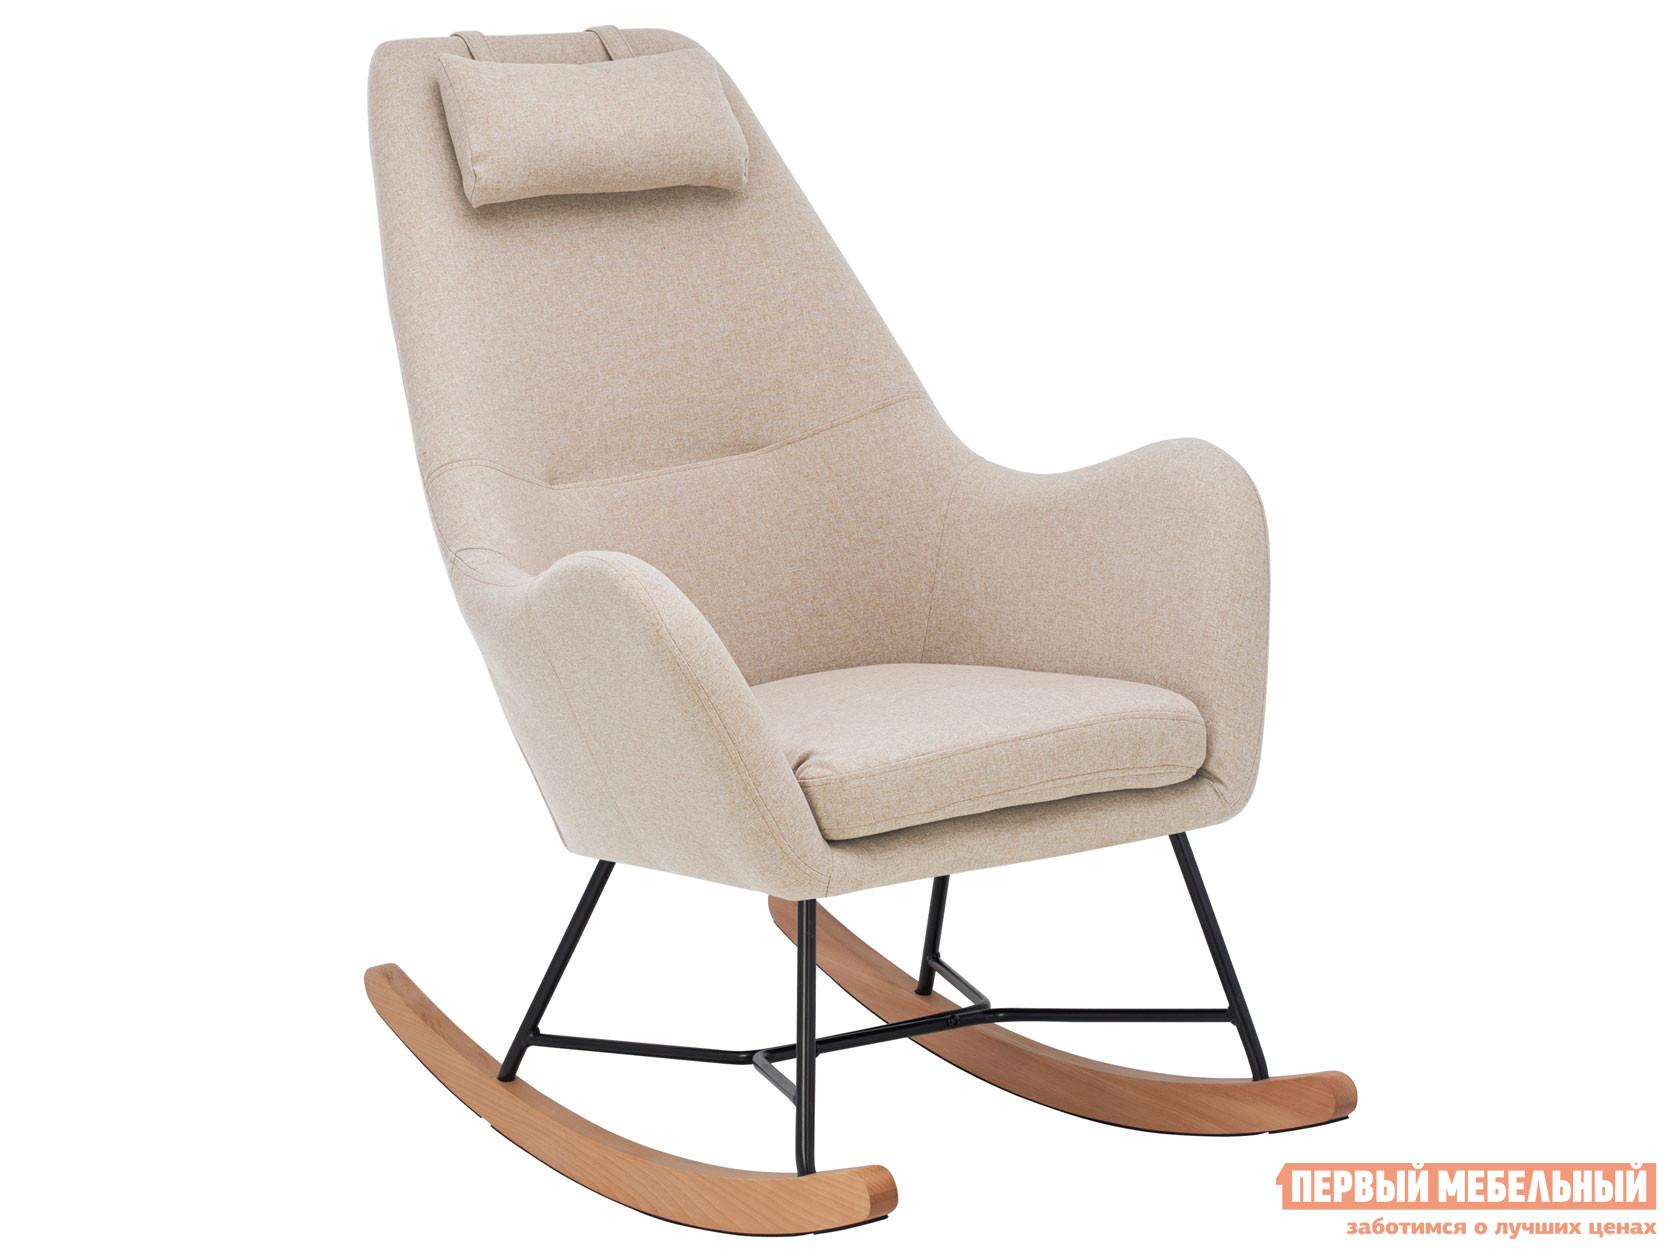 Кресло-качалка Мебель Импэкс Кресло-качалка LESET DUGLAS кресло качалка мебель импэкс кресло качалка складное белтех